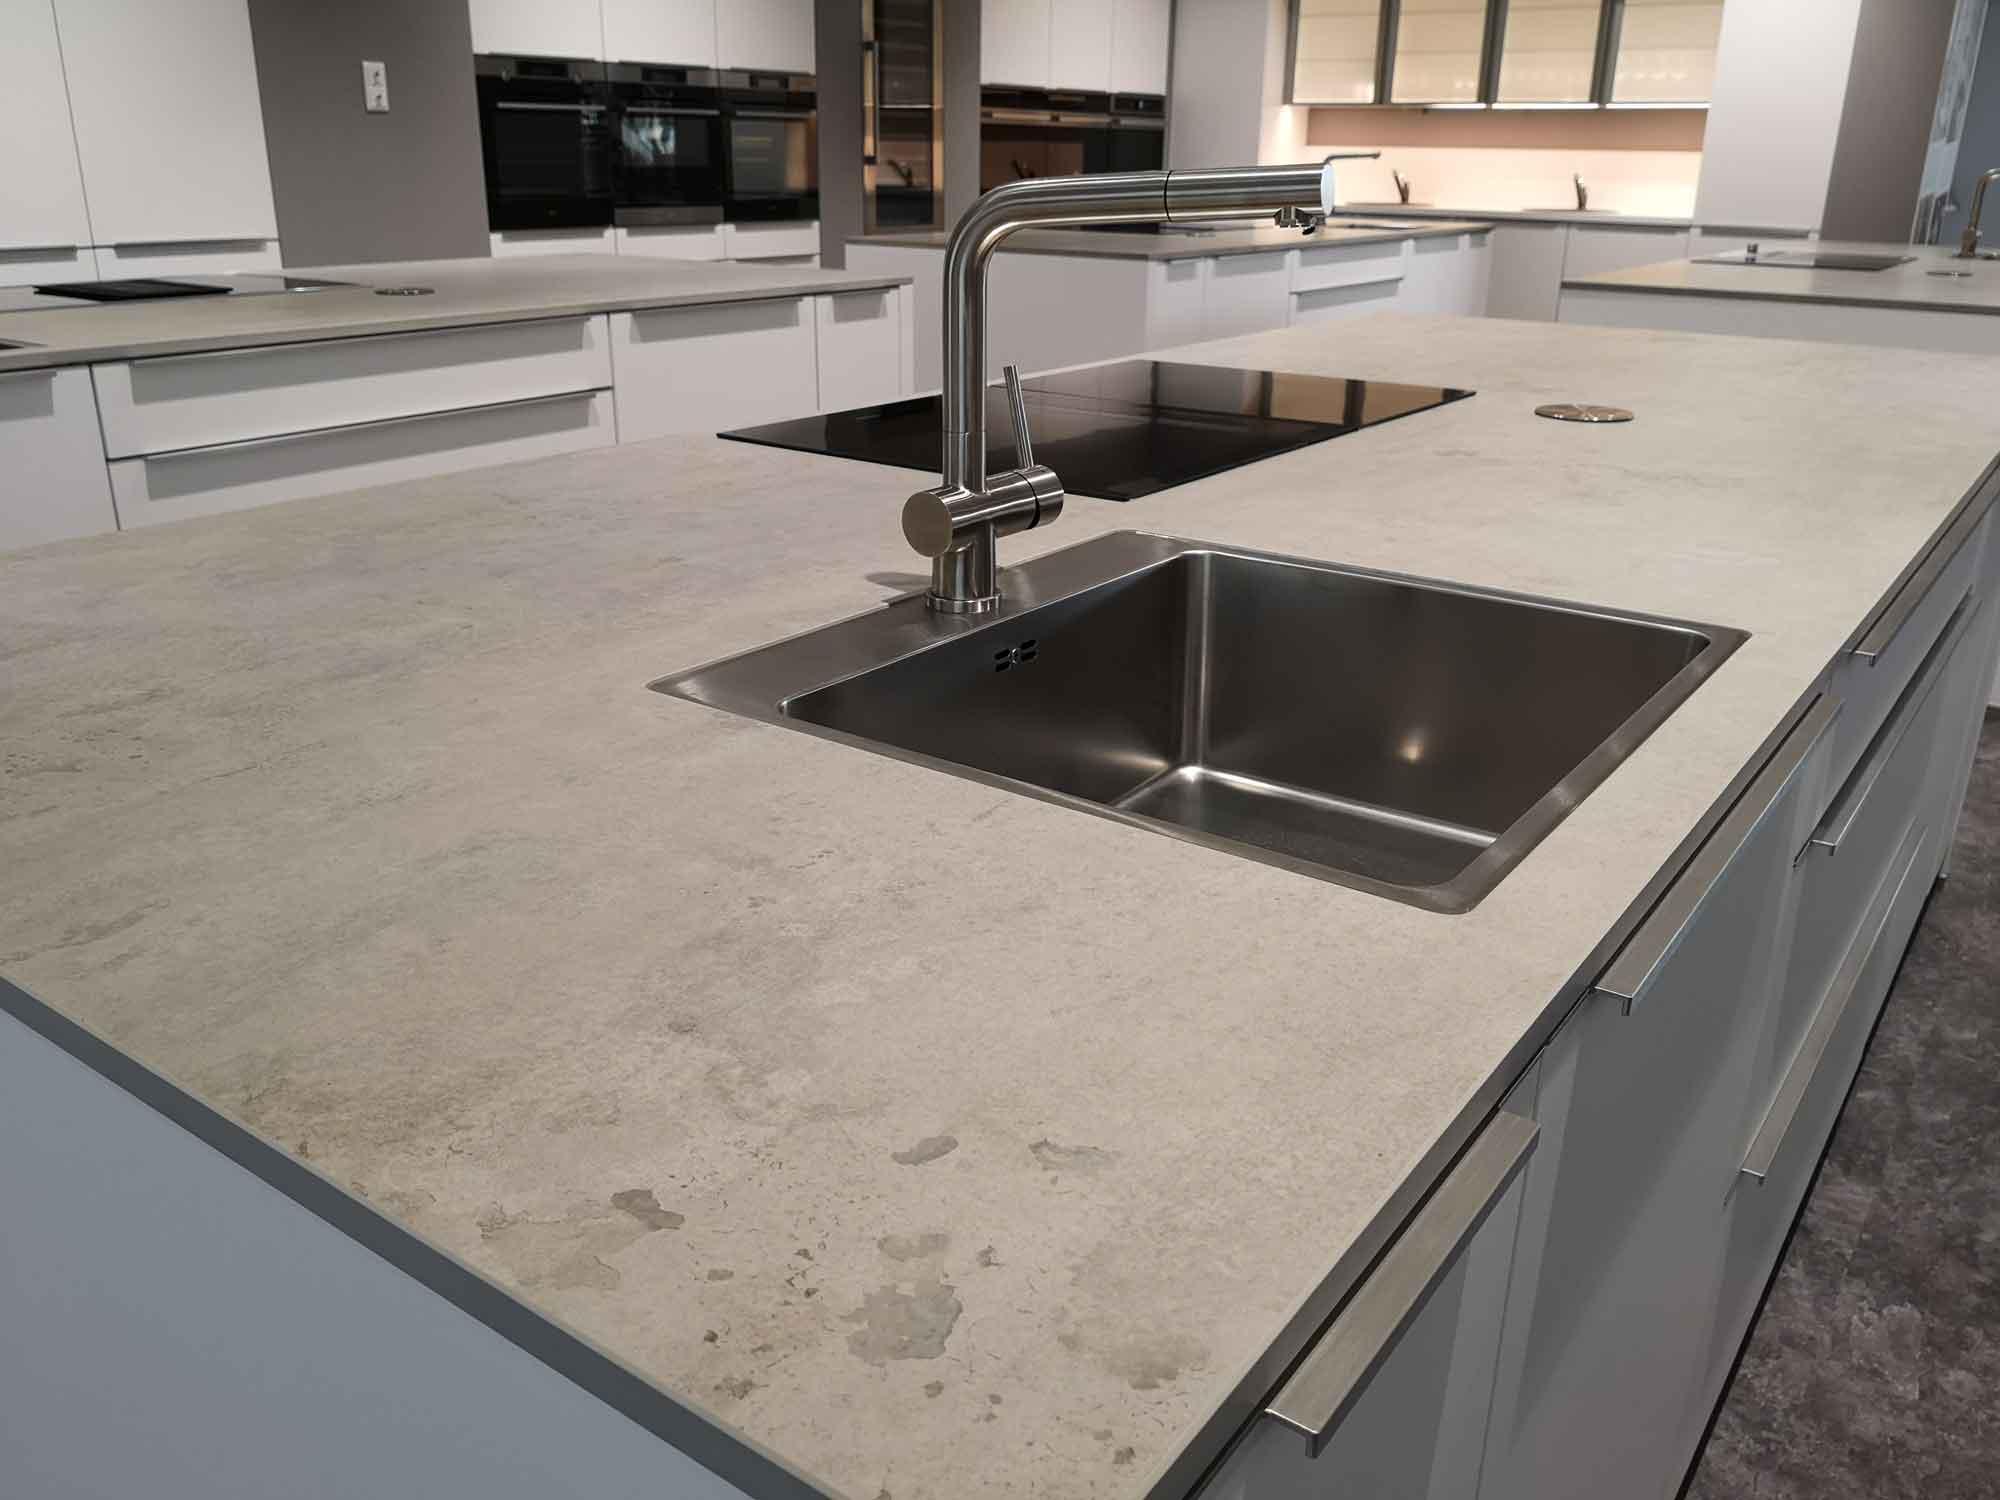 neolith beton arbeitsplatte beton arbeitsplatten beton. Black Bedroom Furniture Sets. Home Design Ideas